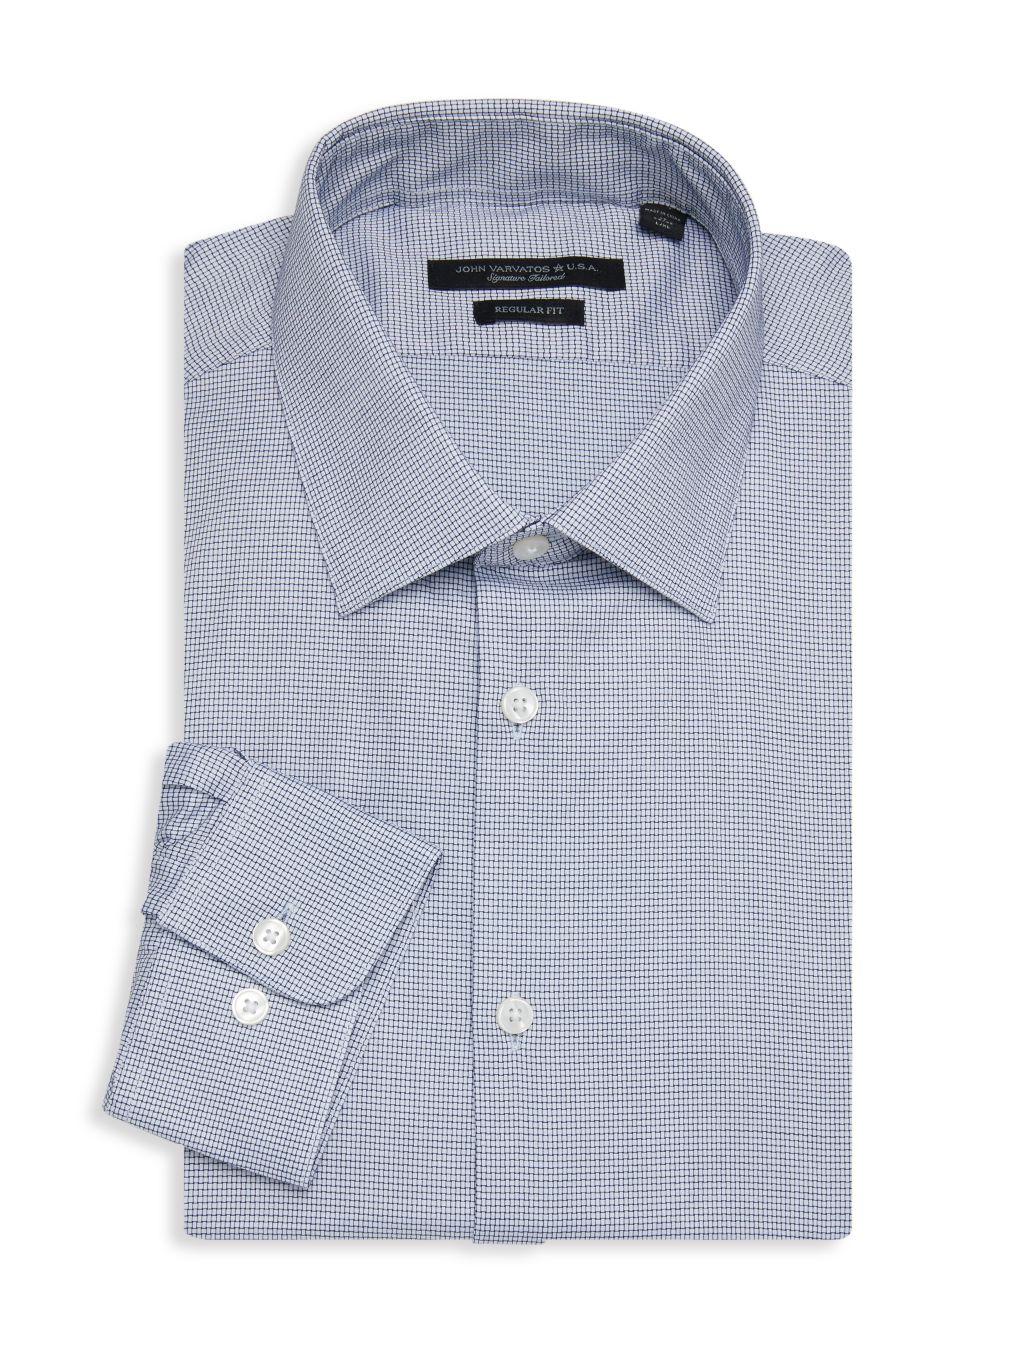 John Varvatos Star U.S.A. Spencer Regular-Fit Check Dress Shirt